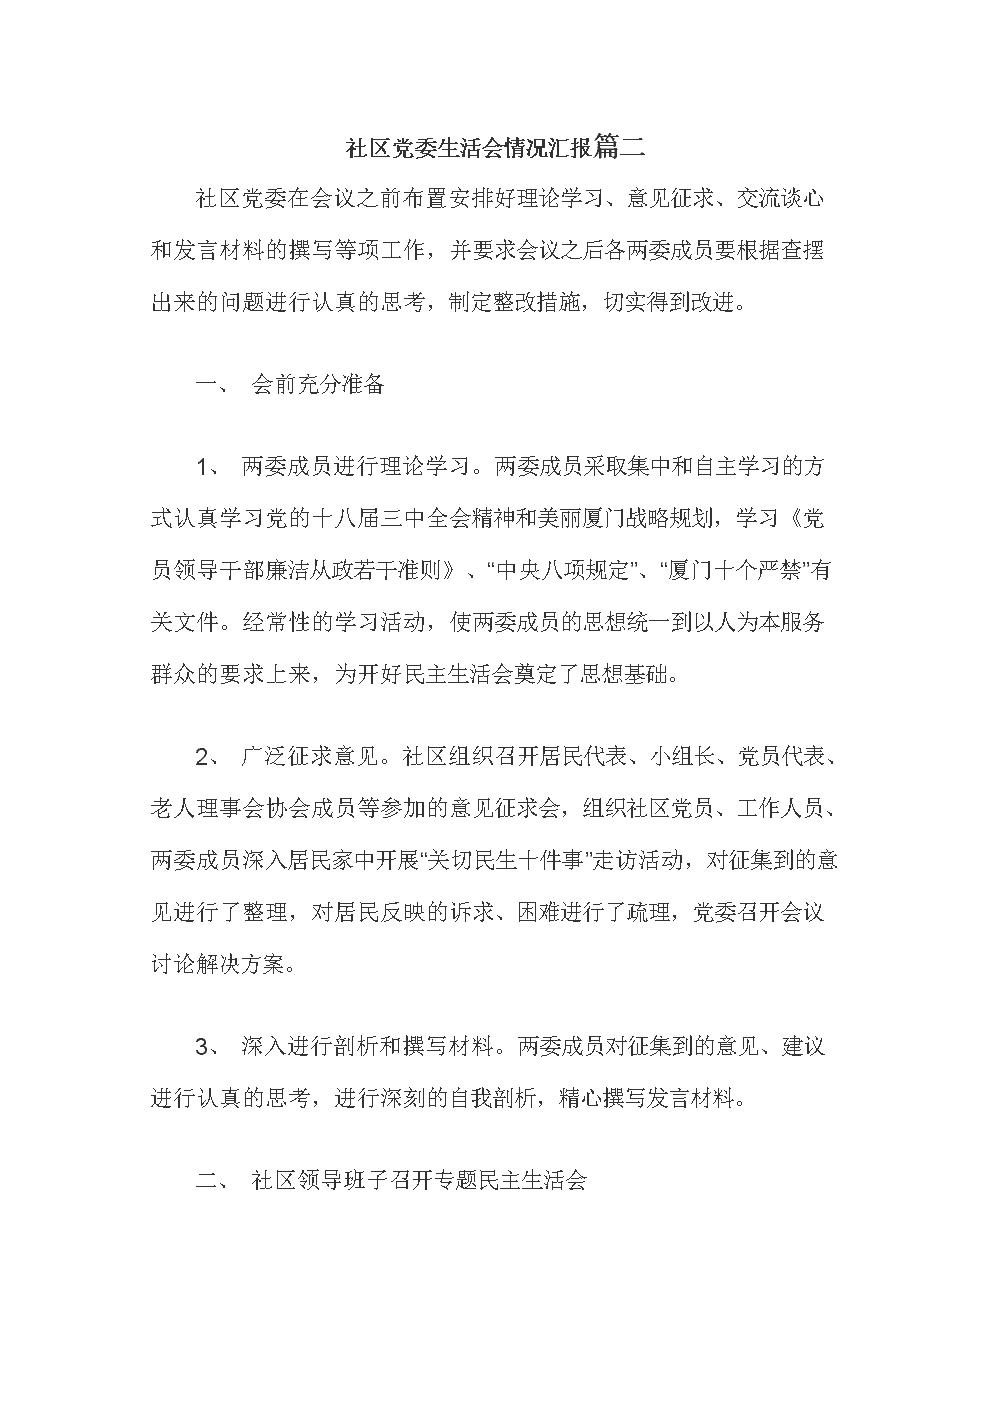 社区党委生活会情况汇报篇二.doc